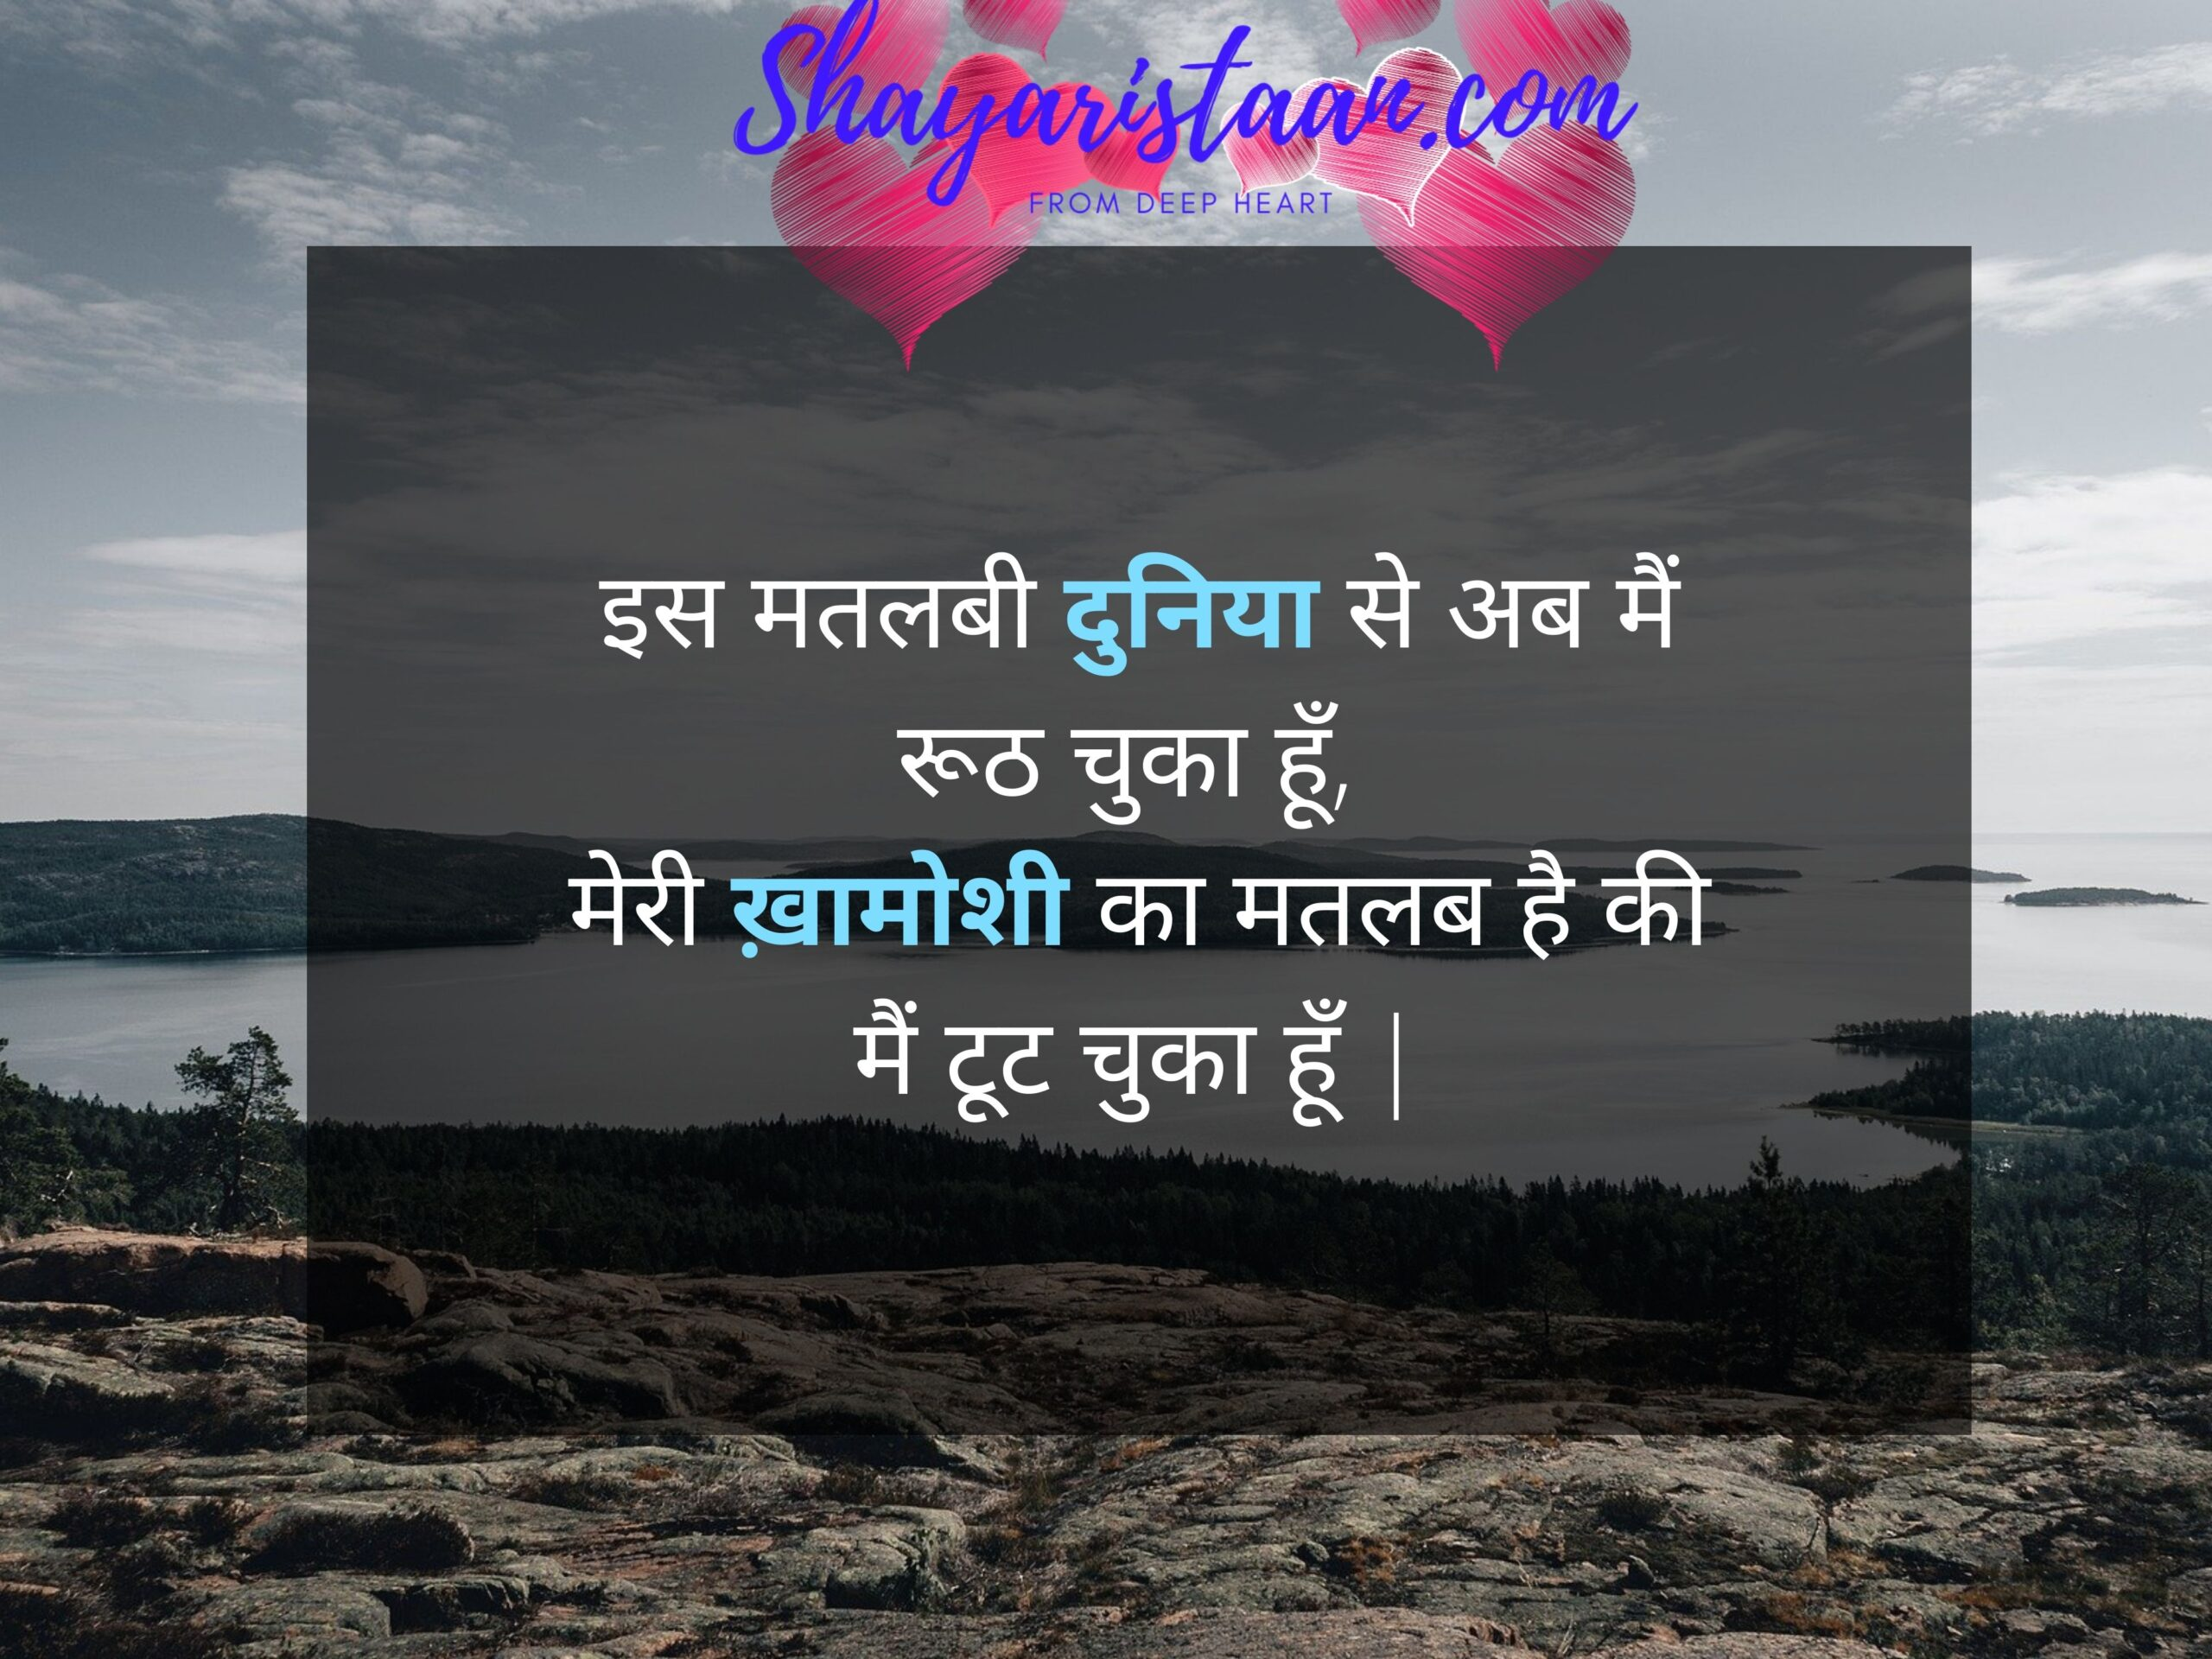 zindagi attitude shayari in hindi | इस मतलबी दुनिया से अब मैं रूठ चुका हूँ, मेरी ख़ामोशी का मतलब है की मैं टूट चुका हूँ |